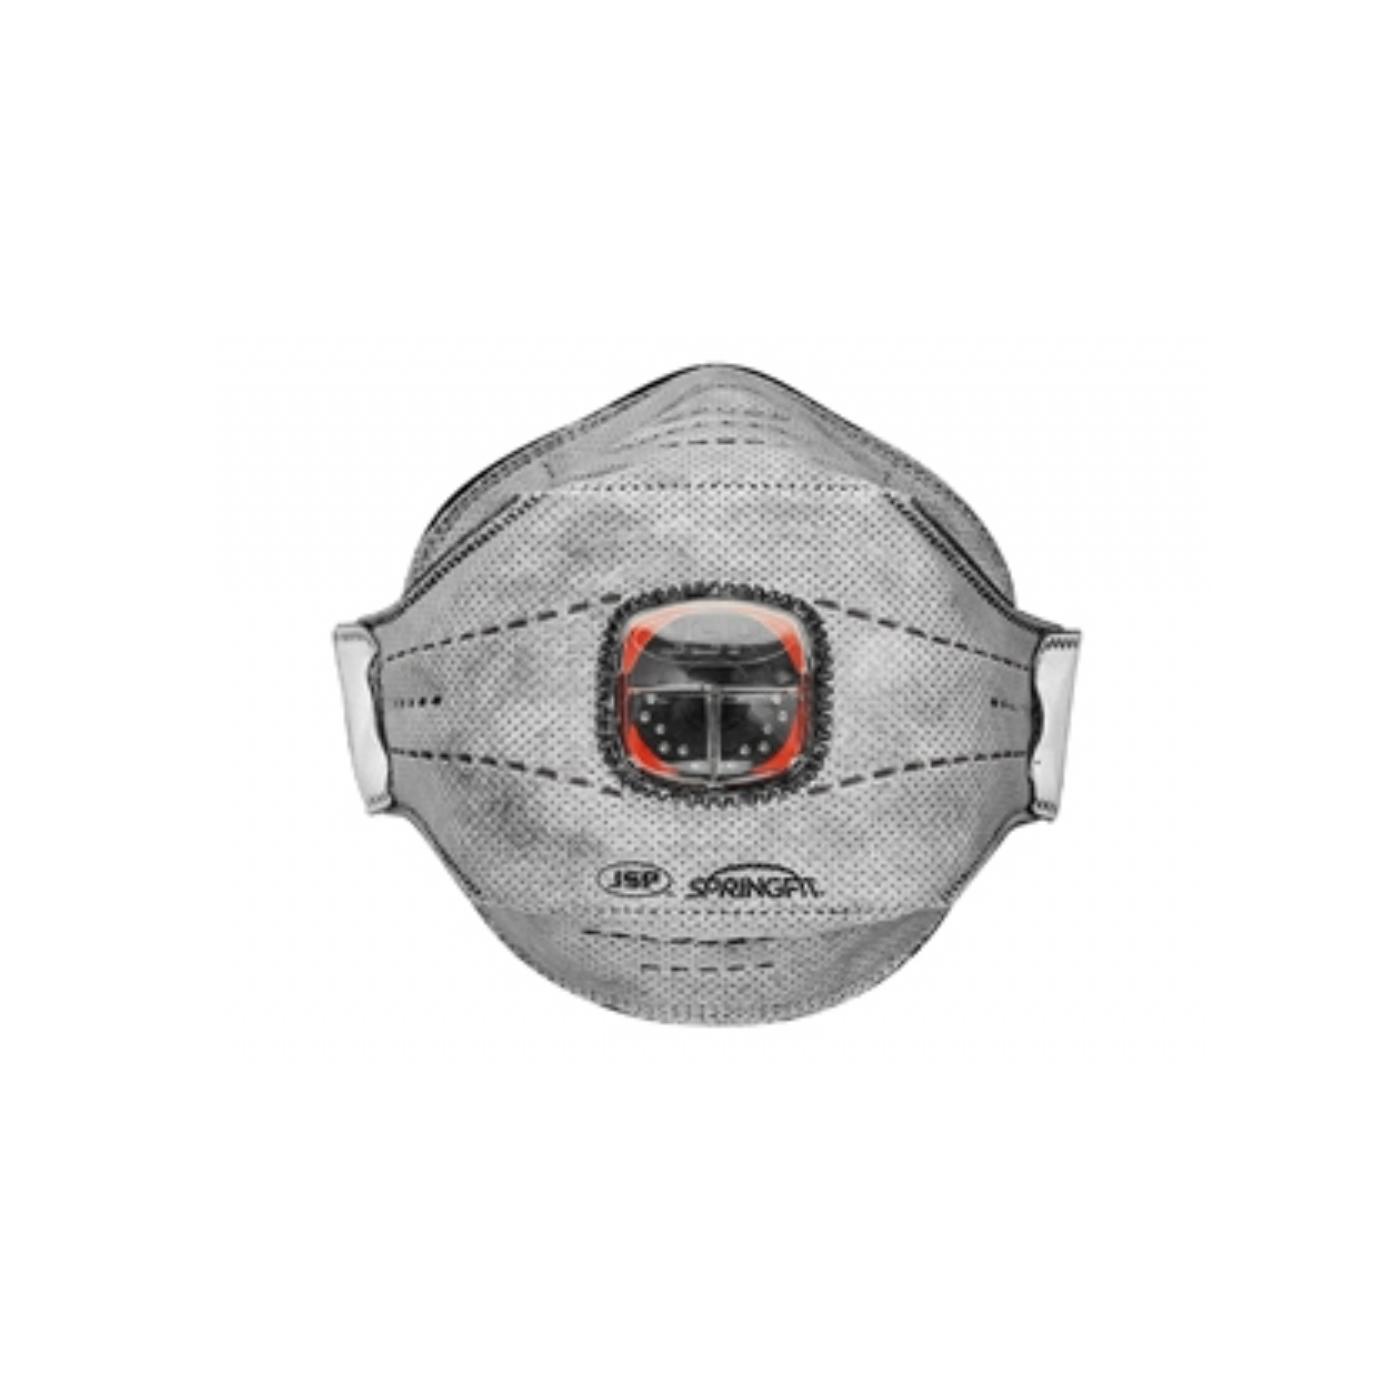 Jednorazowa półmaska przeciwpyłowa JSP z zaworkiem Typhoon Springfit  z węglem aktywnym 436ML FFP3 – rozmiar M/L BGA802-206-000